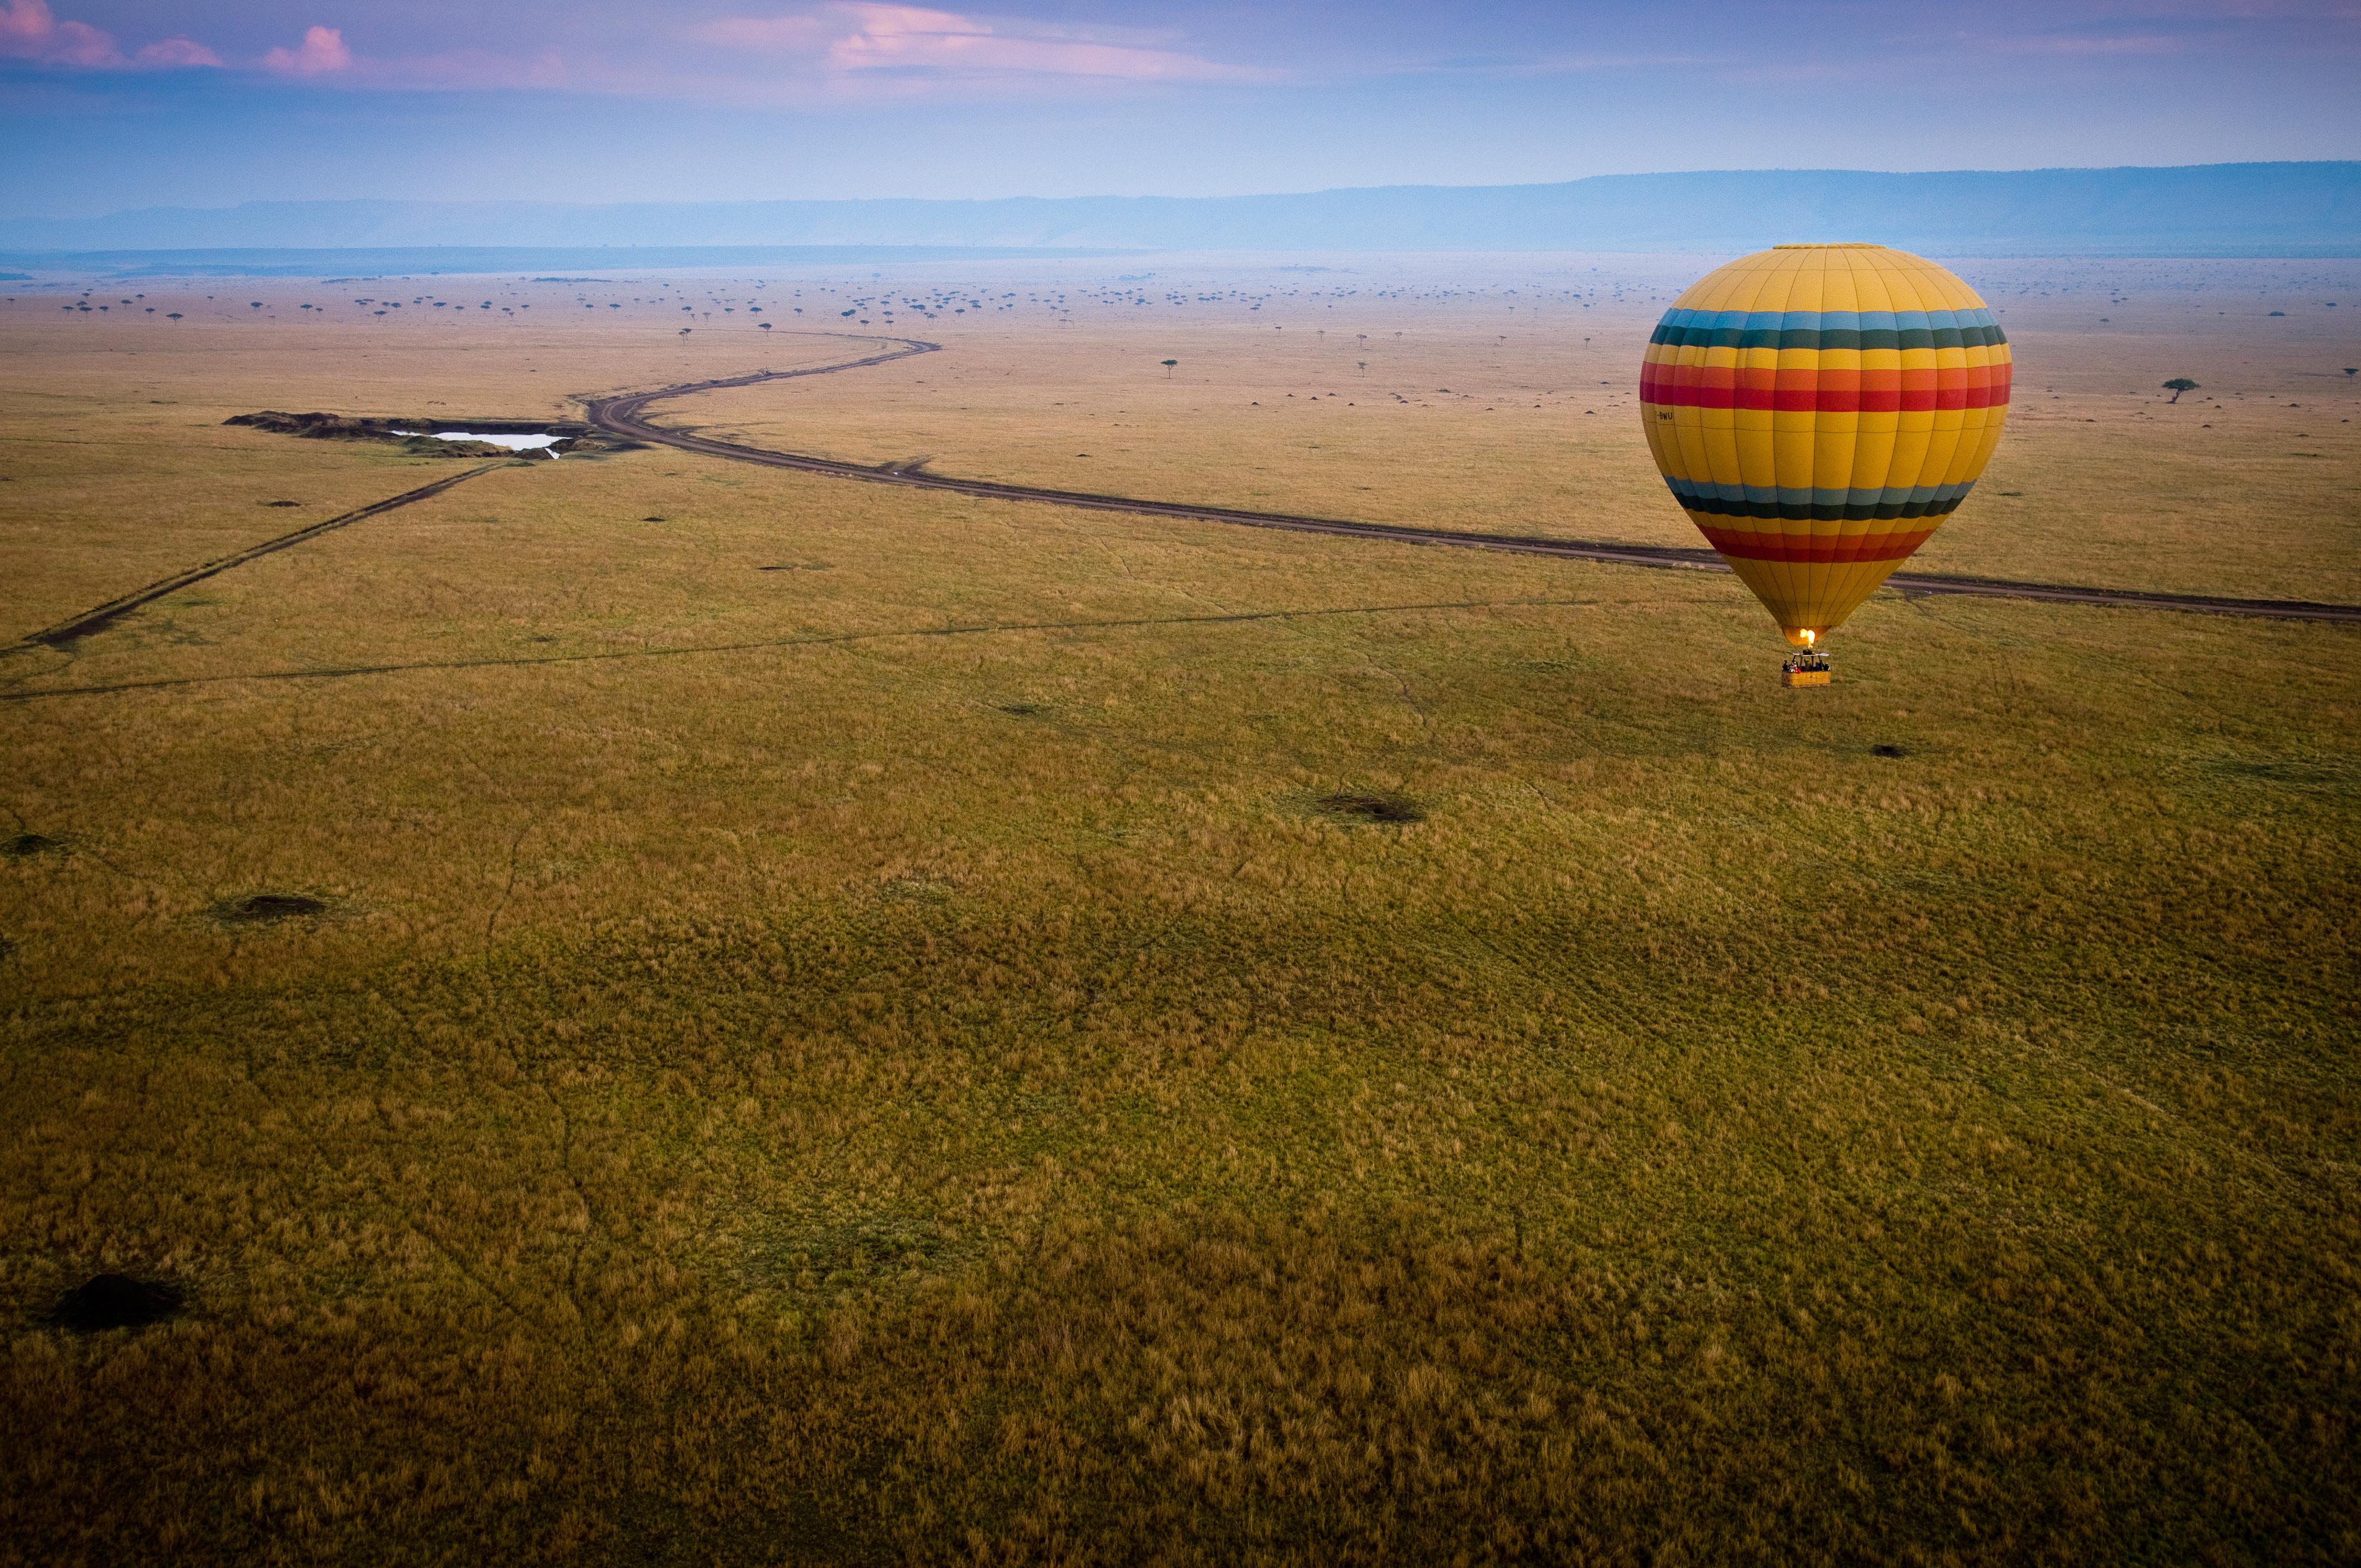 Safári de Balão no Quênia - (FOTO: TERESA PEREZ TOURS)